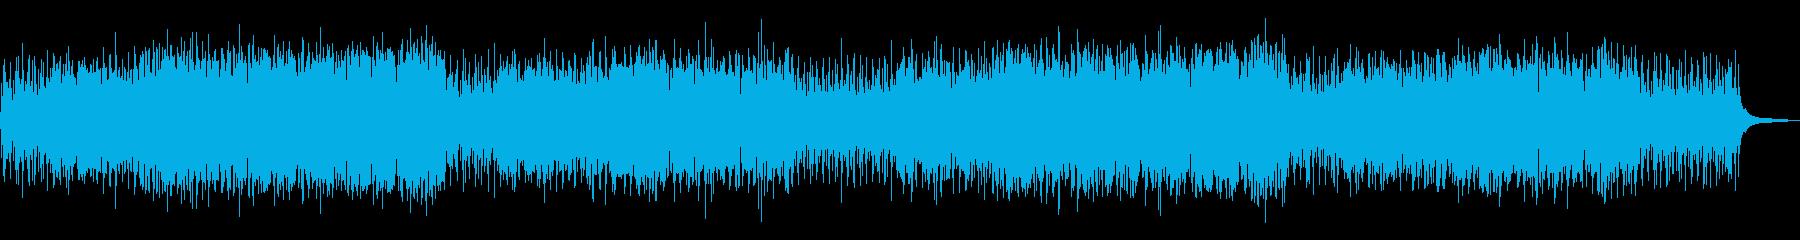 まったり穏やかな日常系アコースティックの再生済みの波形